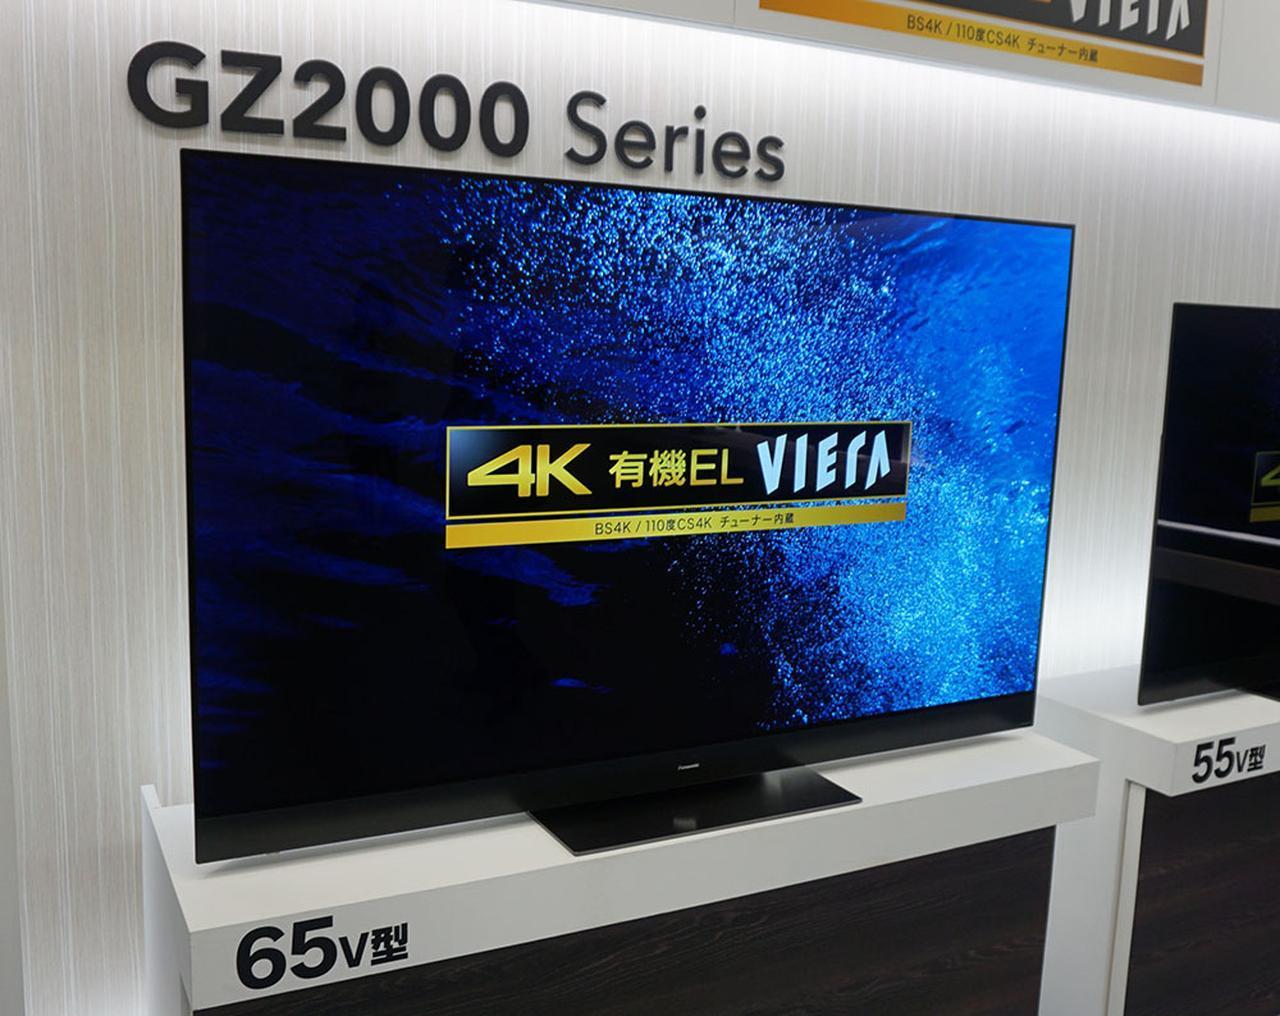 画像: 65インチのTH-65GZ2000